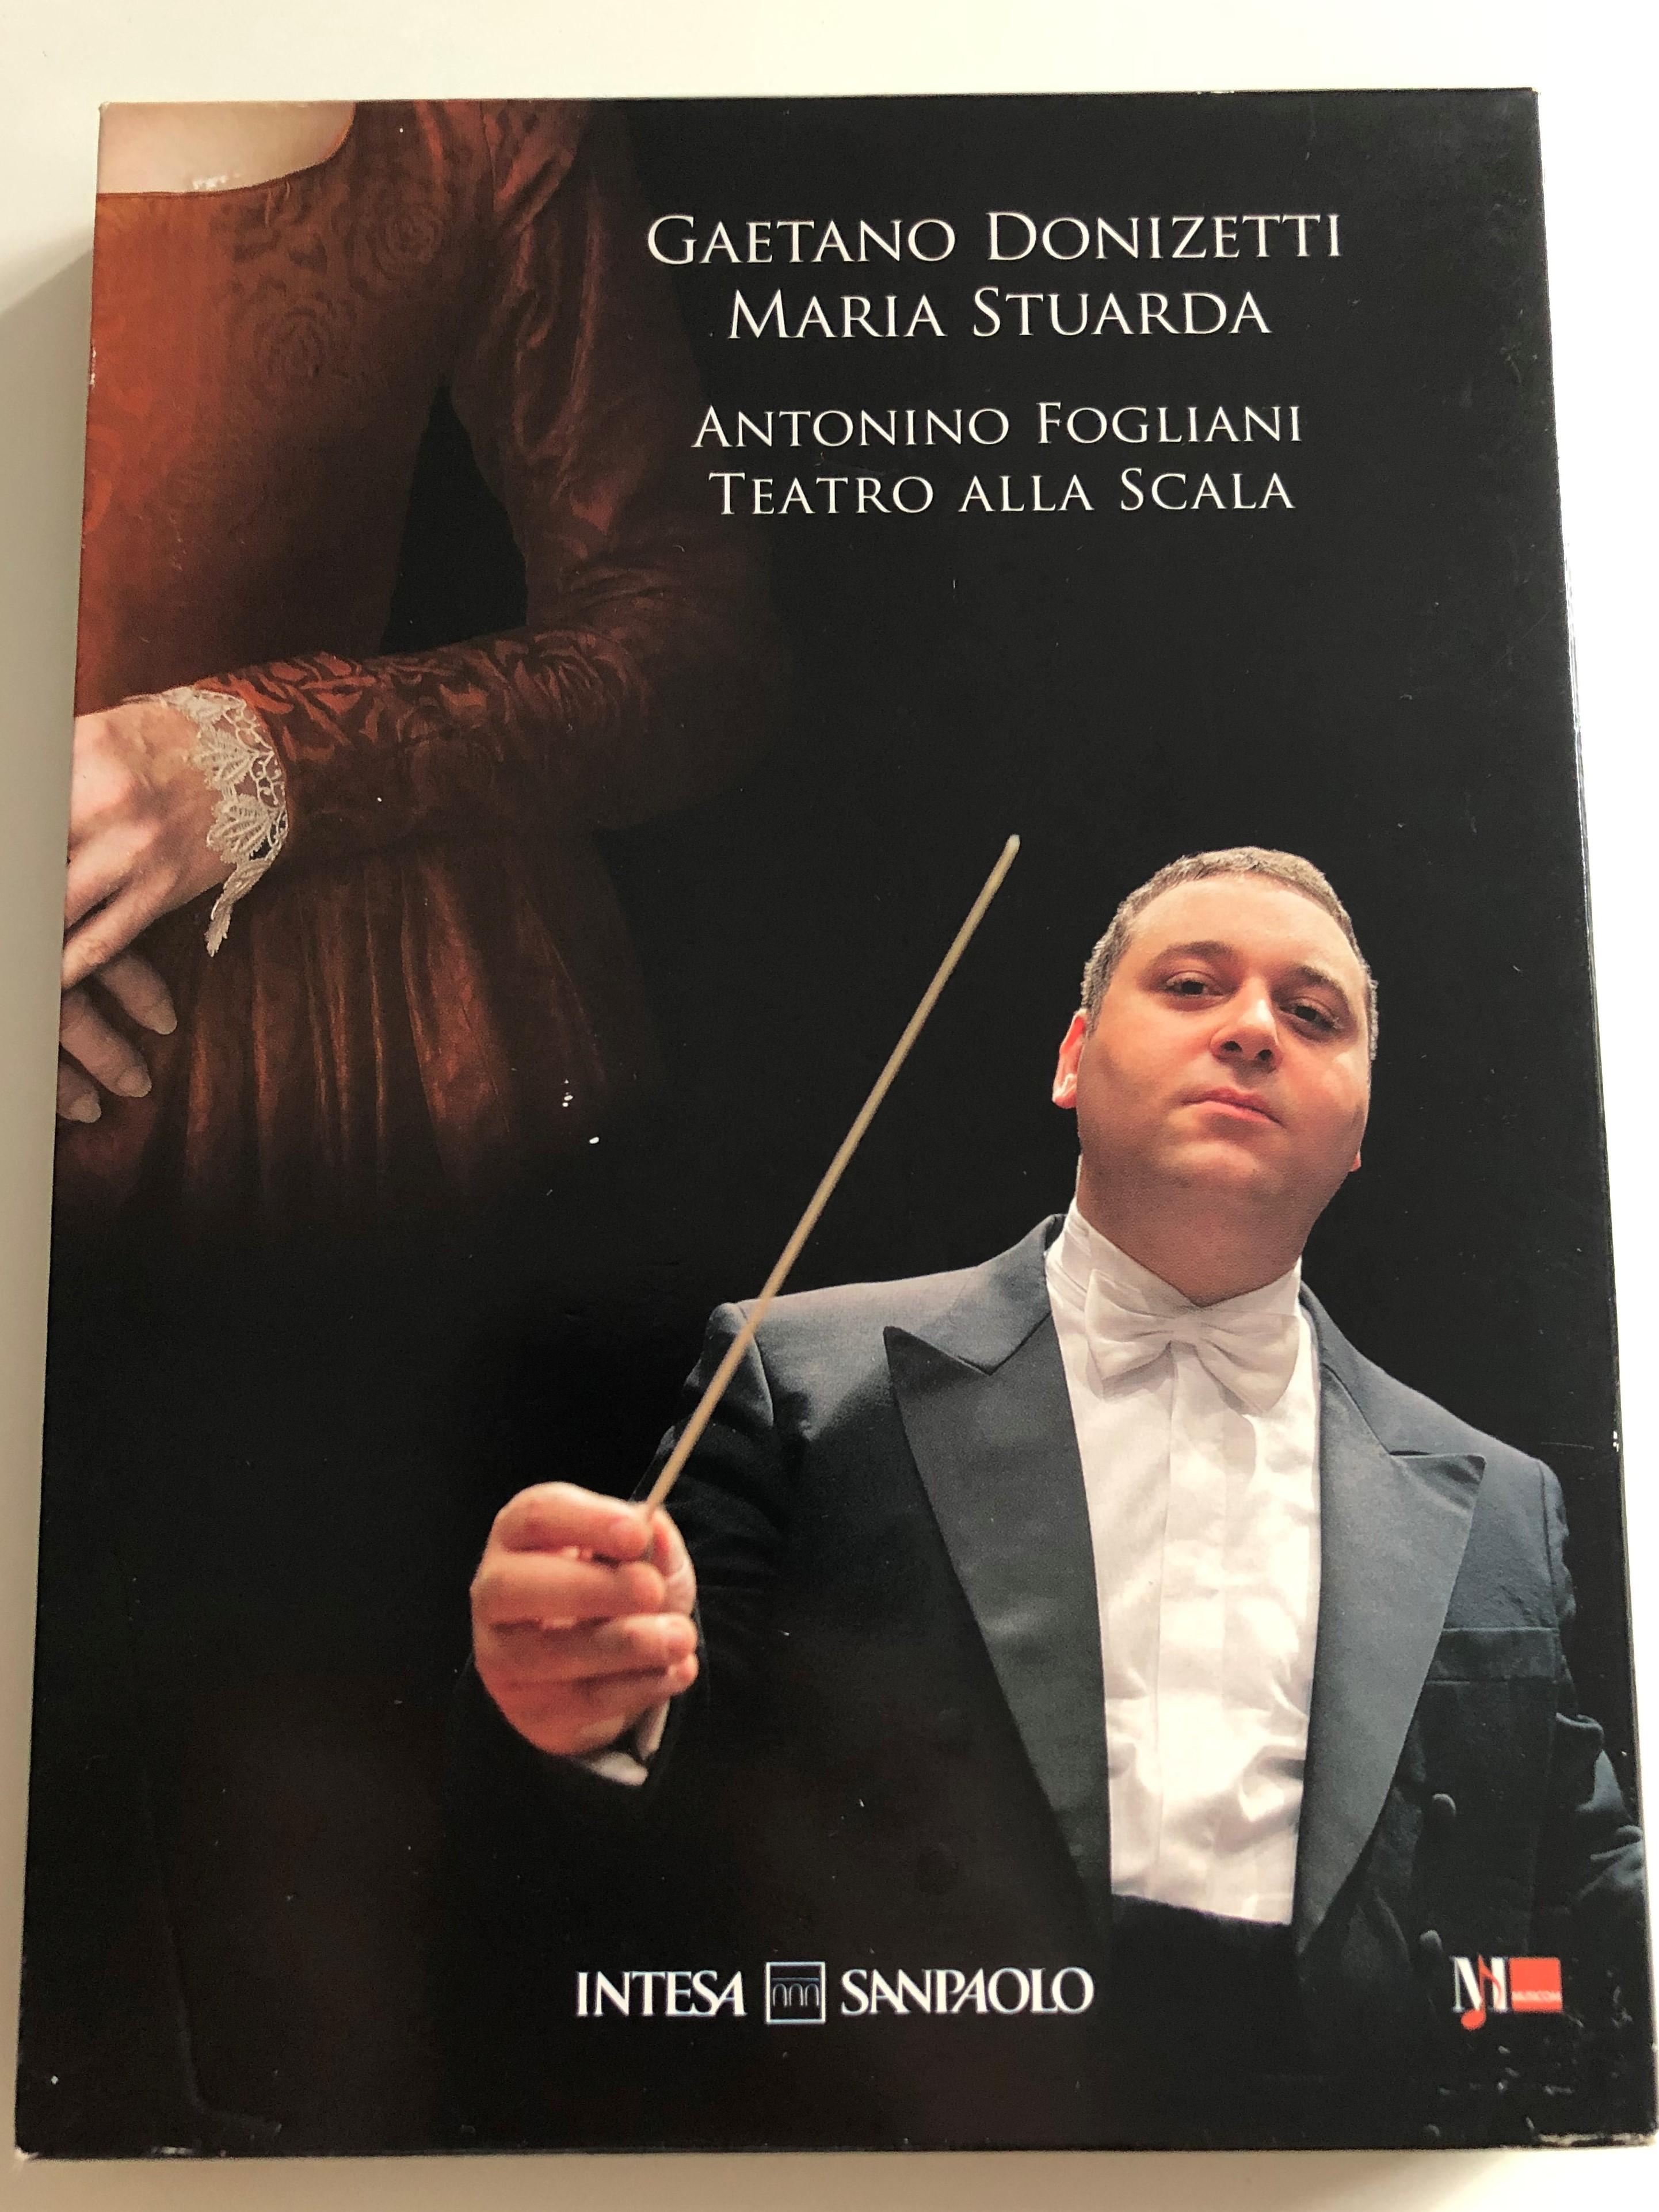 gaetano-donizetti-maria-stuarda-highlights-dvd-cd-conducted-by-antonio-fogliani-teatro-alla-scala-live-recording-vox-imago-1-.jpg